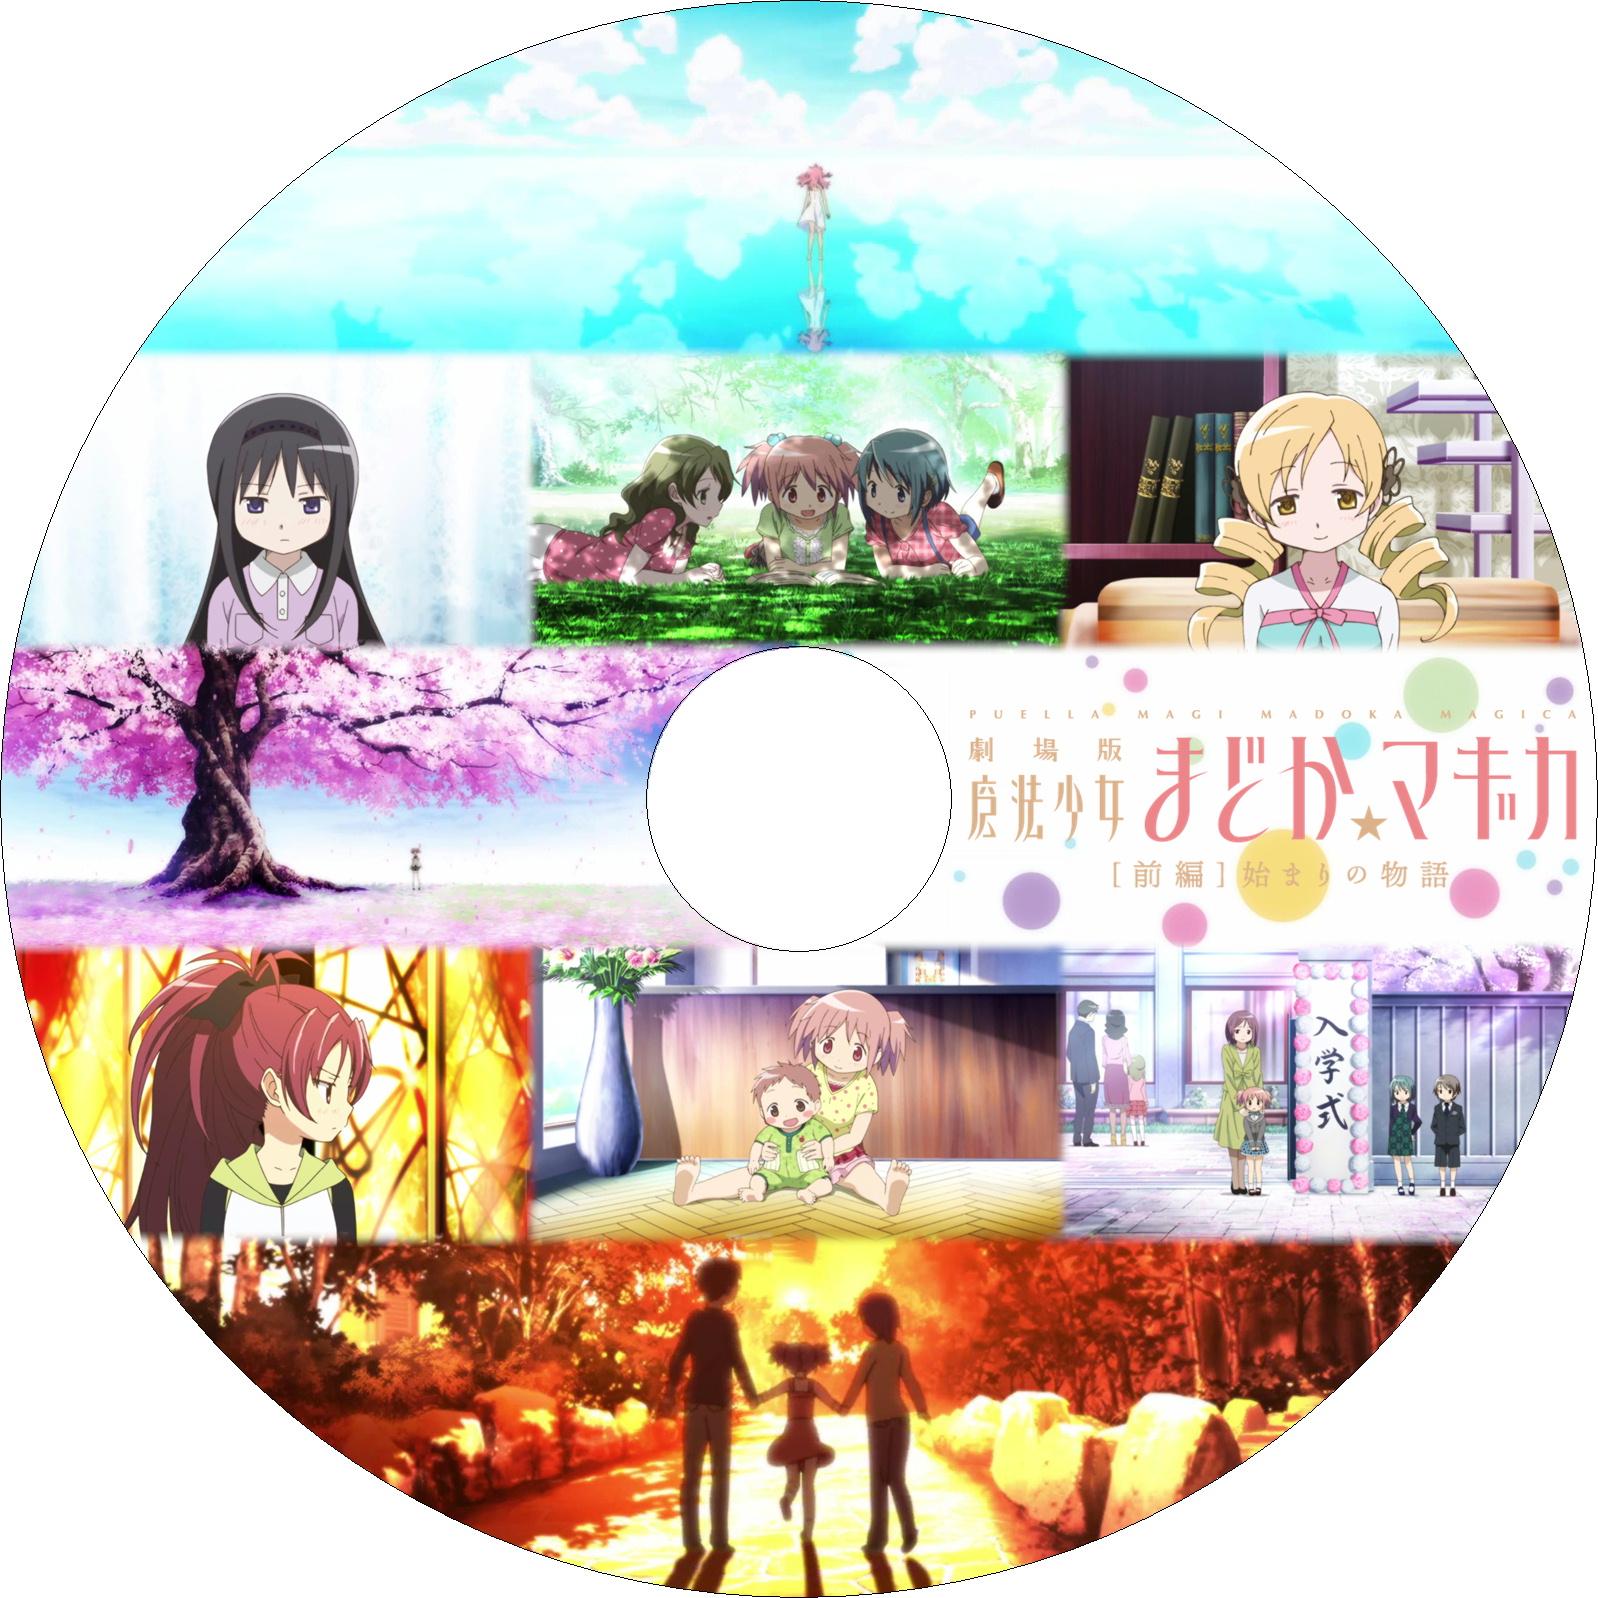 劇場版 魔法少女まどか☆マギカ [前編] 始まりの物語 ラベル改